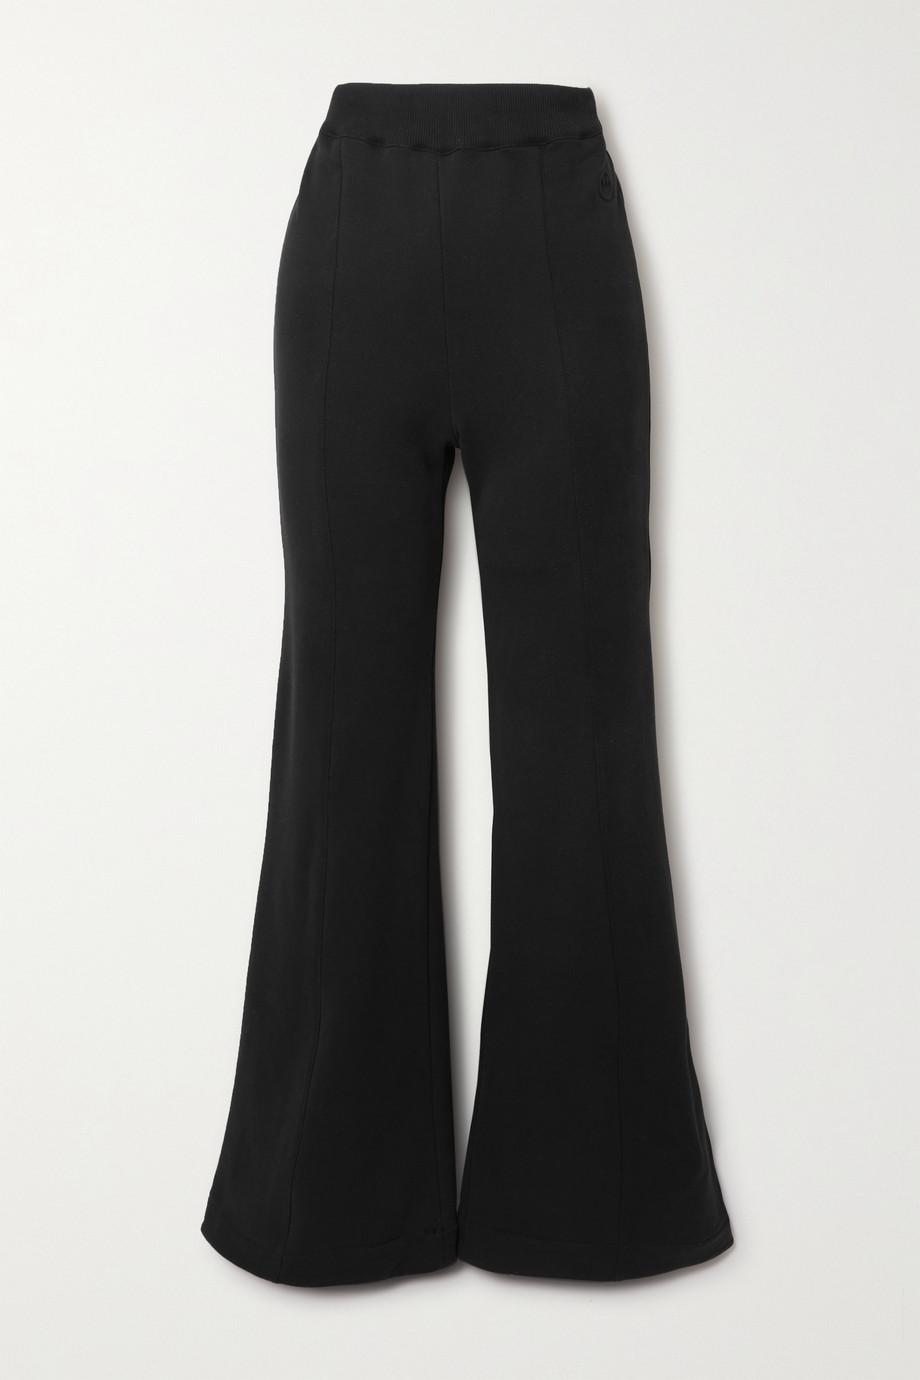 AZ Factory Pantalon évasé en coton biologique et SeaCell mélangés Free To